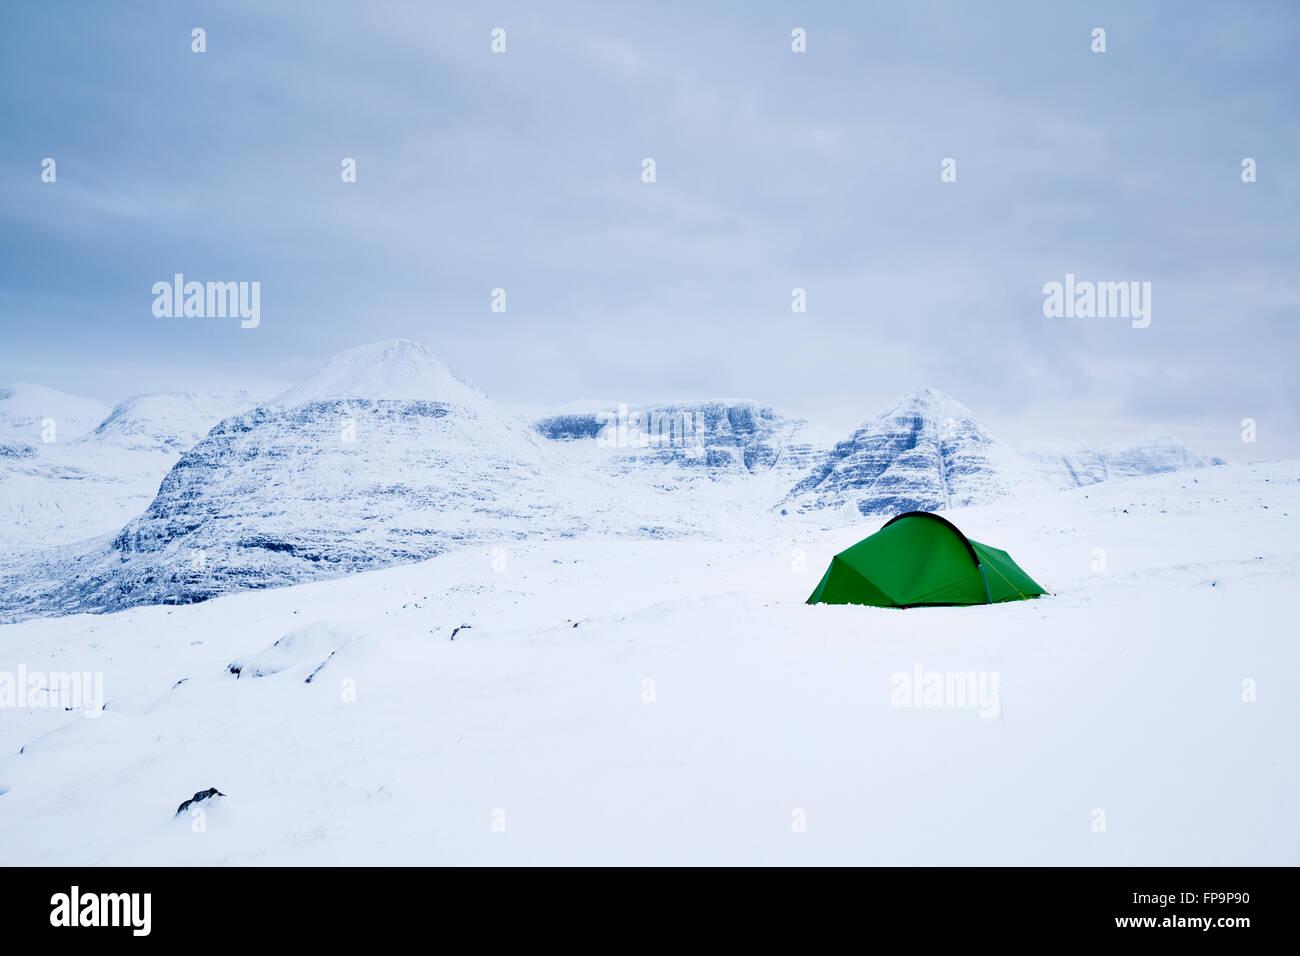 Une tente dans la neige de l'hiver dans les collines Torridon Beinn Eighe avec comme toile de fond, l'Ecosse Photo Stock